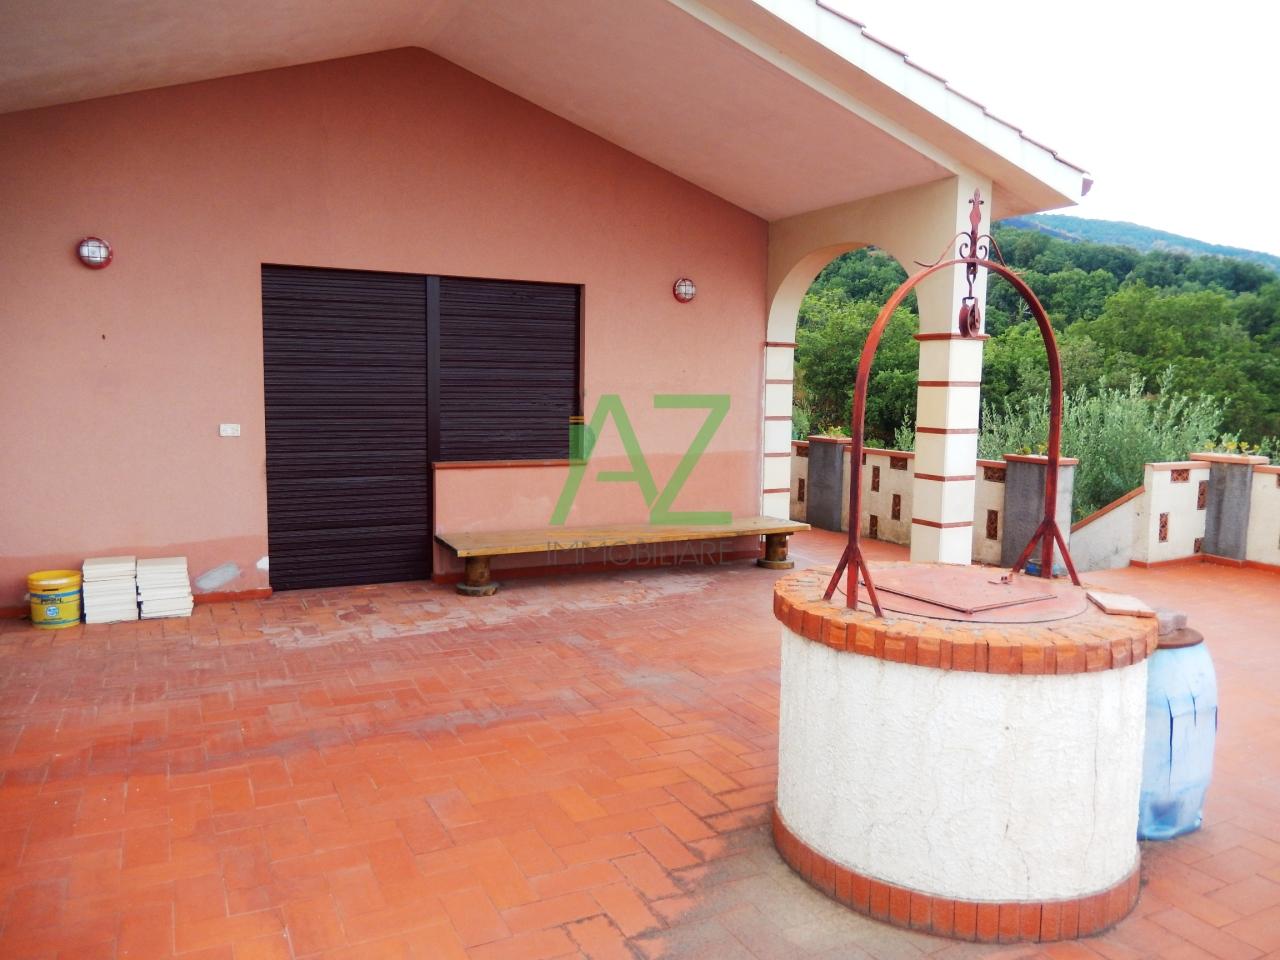 Villa in affitto a Zafferana Etnea, 4 locali, prezzo € 600 | Cambio Casa.it